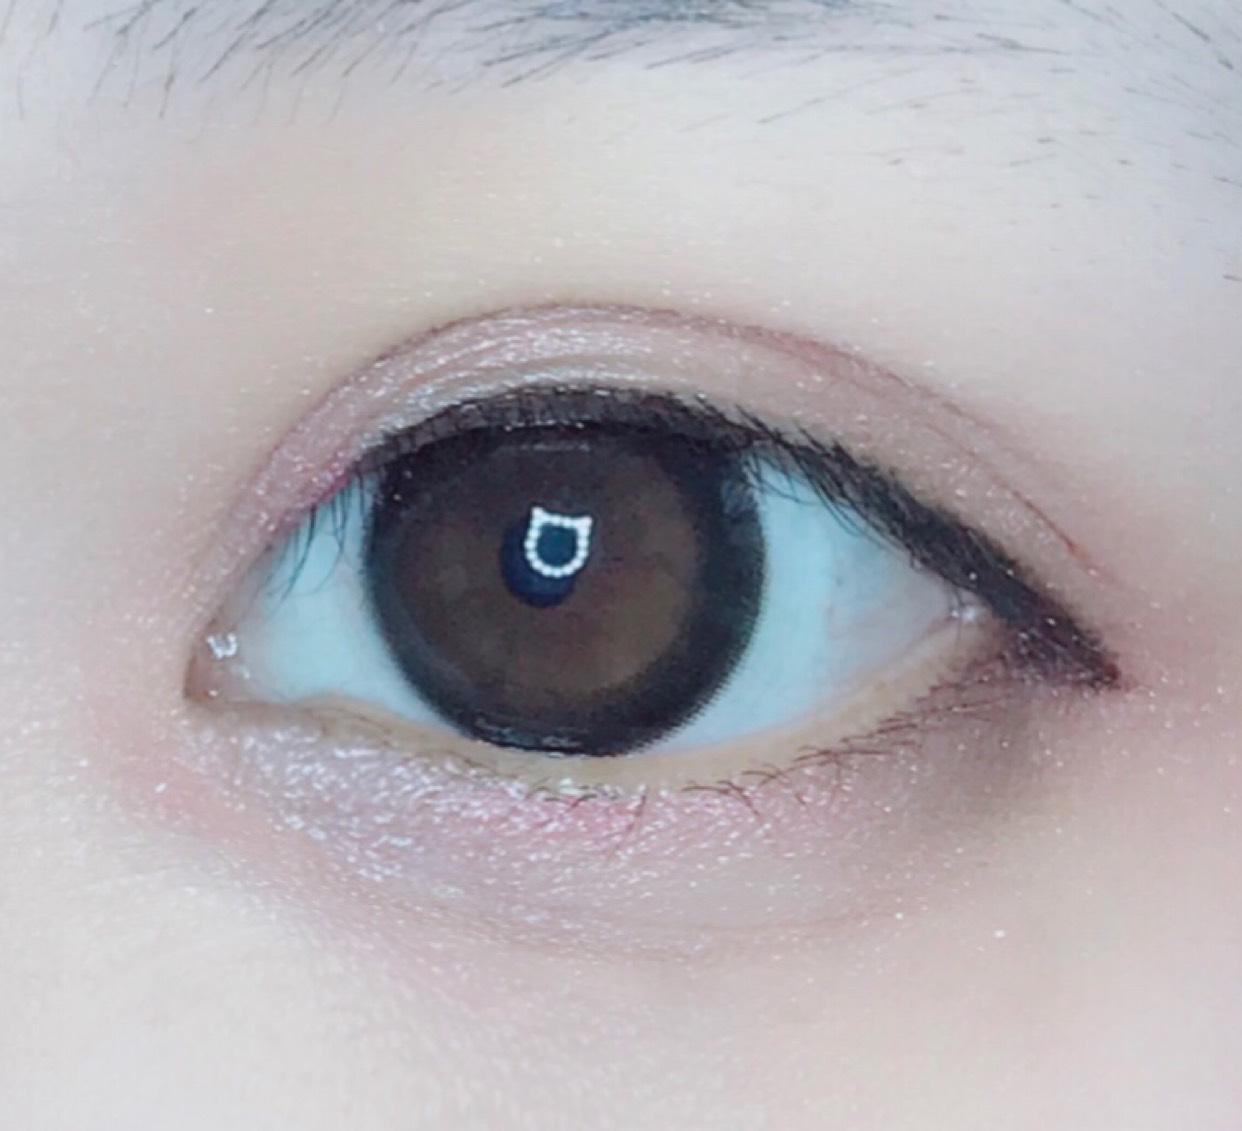 離れ目がコンプレックスなので、 目頭にも薄くブラウンをいれ、 ピンク色を重ねてぼかしてます。